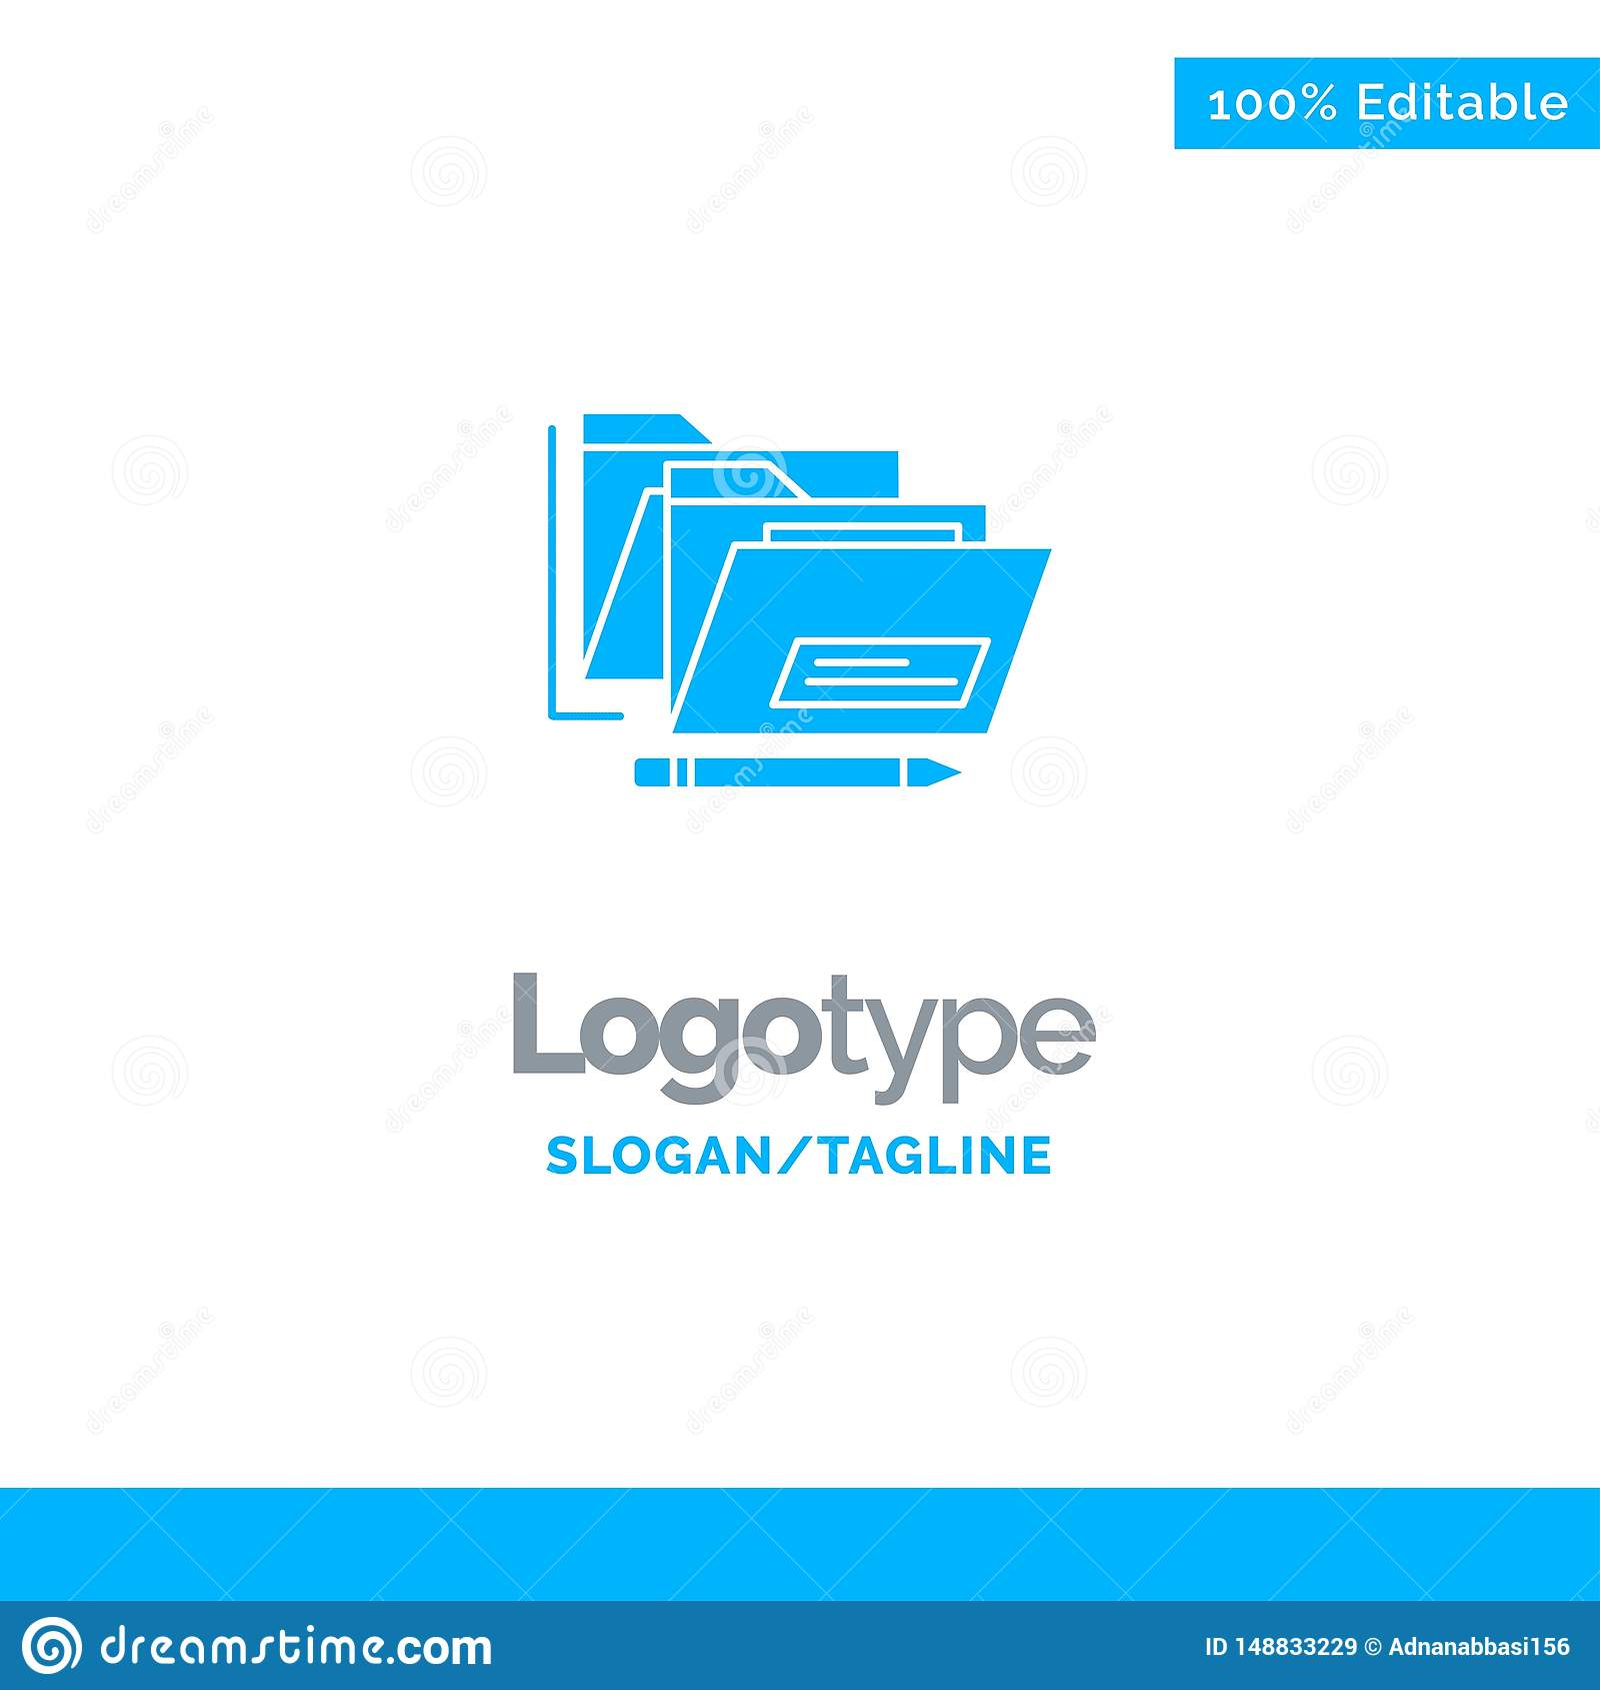 File, Folder, Date, Safe Blue Solid Logo Template. Place for Tagline